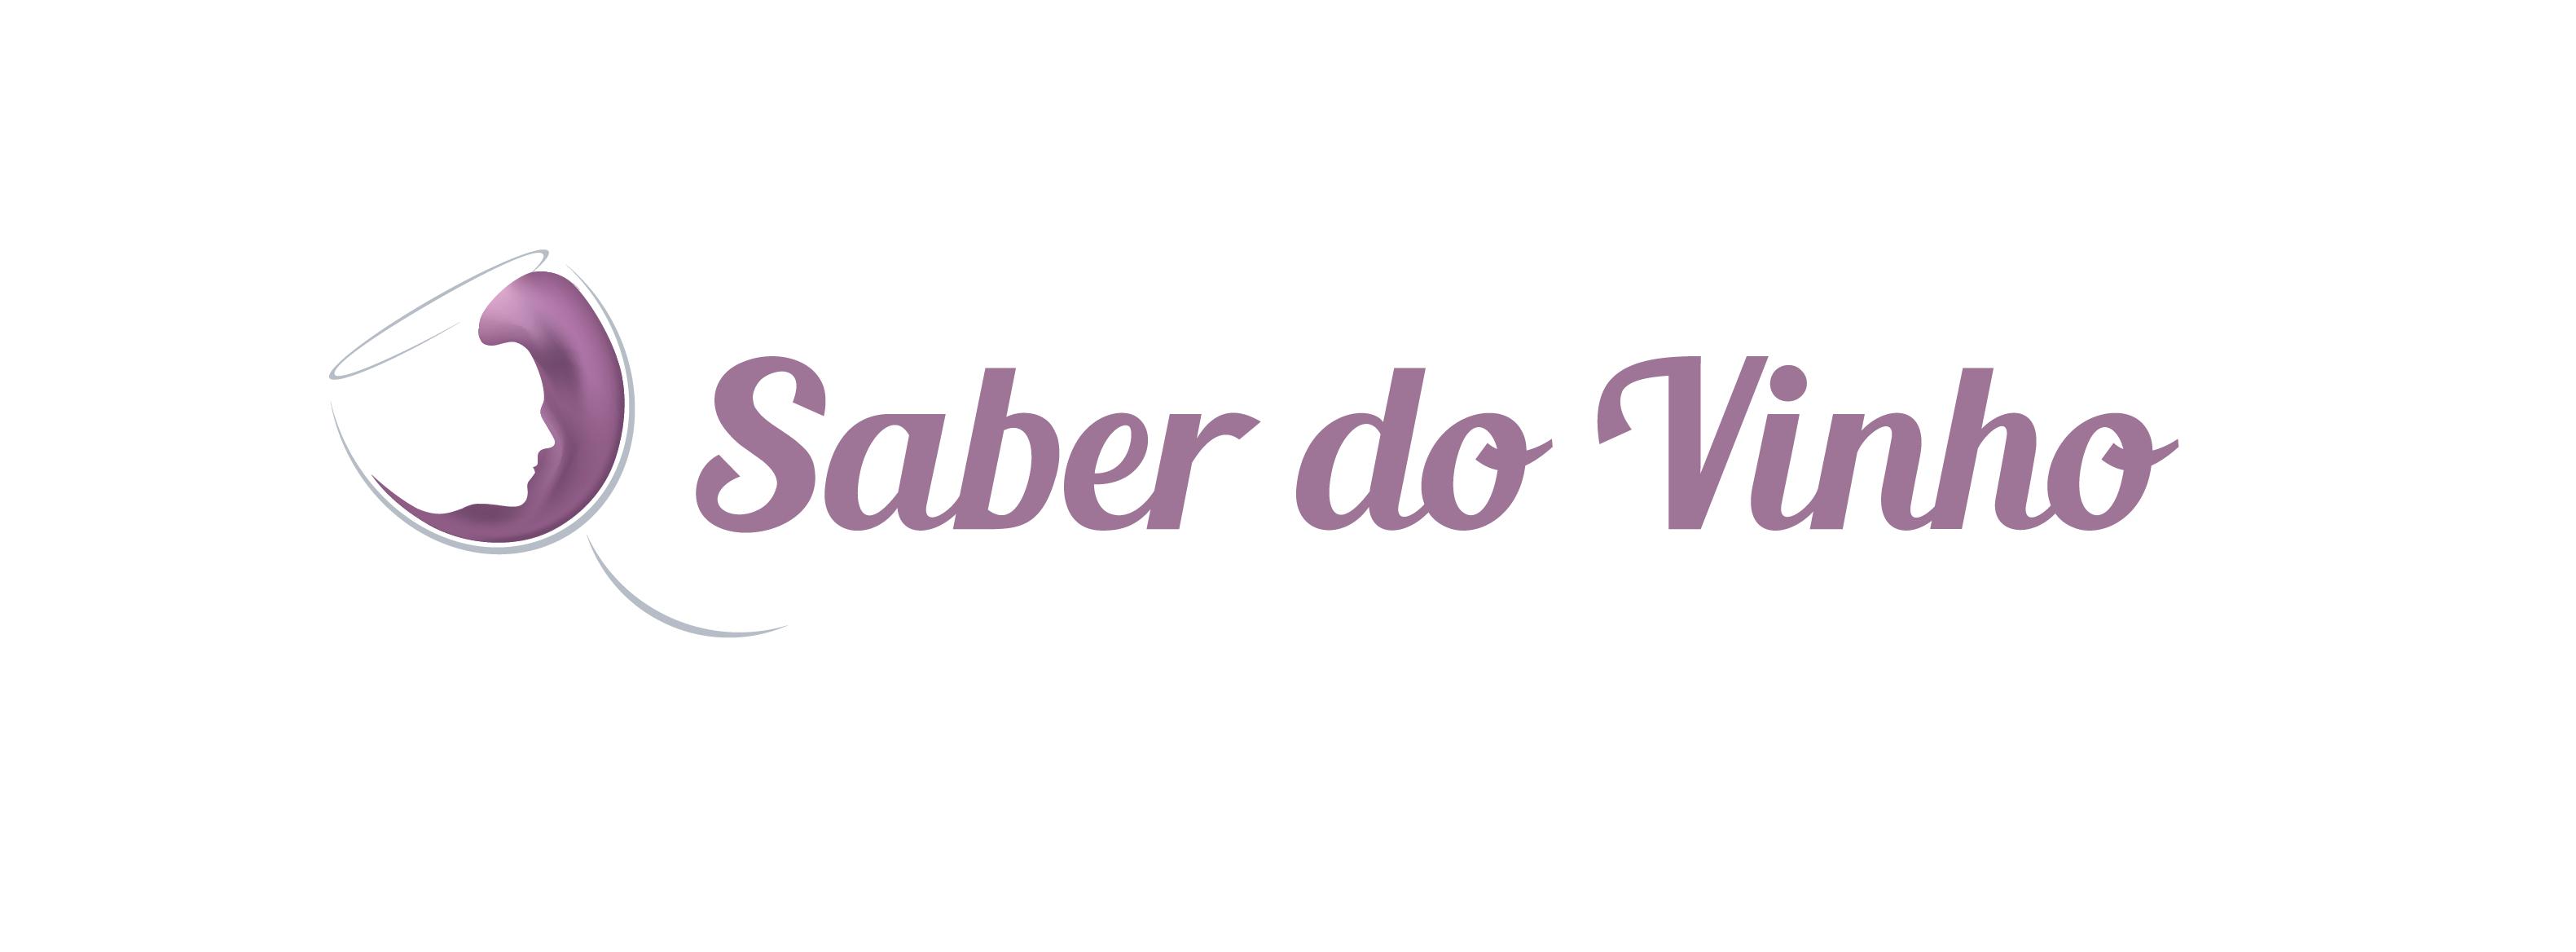 SaberdoVinho_Logo